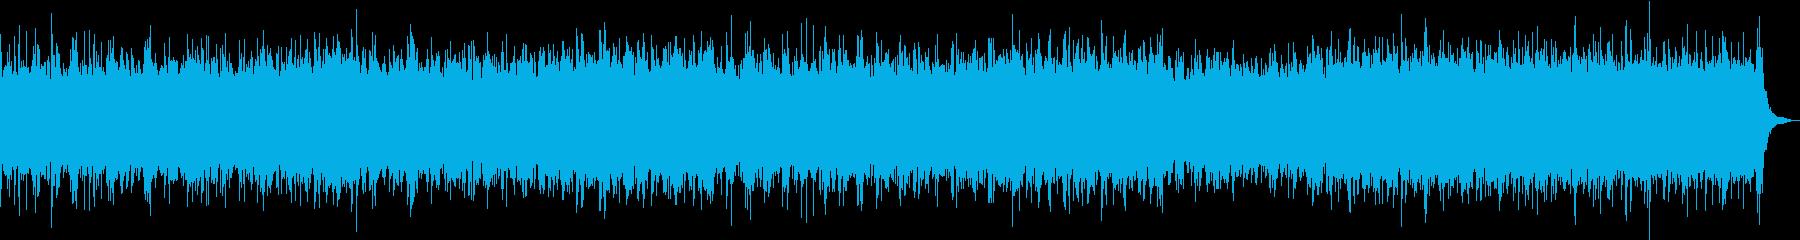 オープニング疾走感オーケストラ・企業VPの再生済みの波形